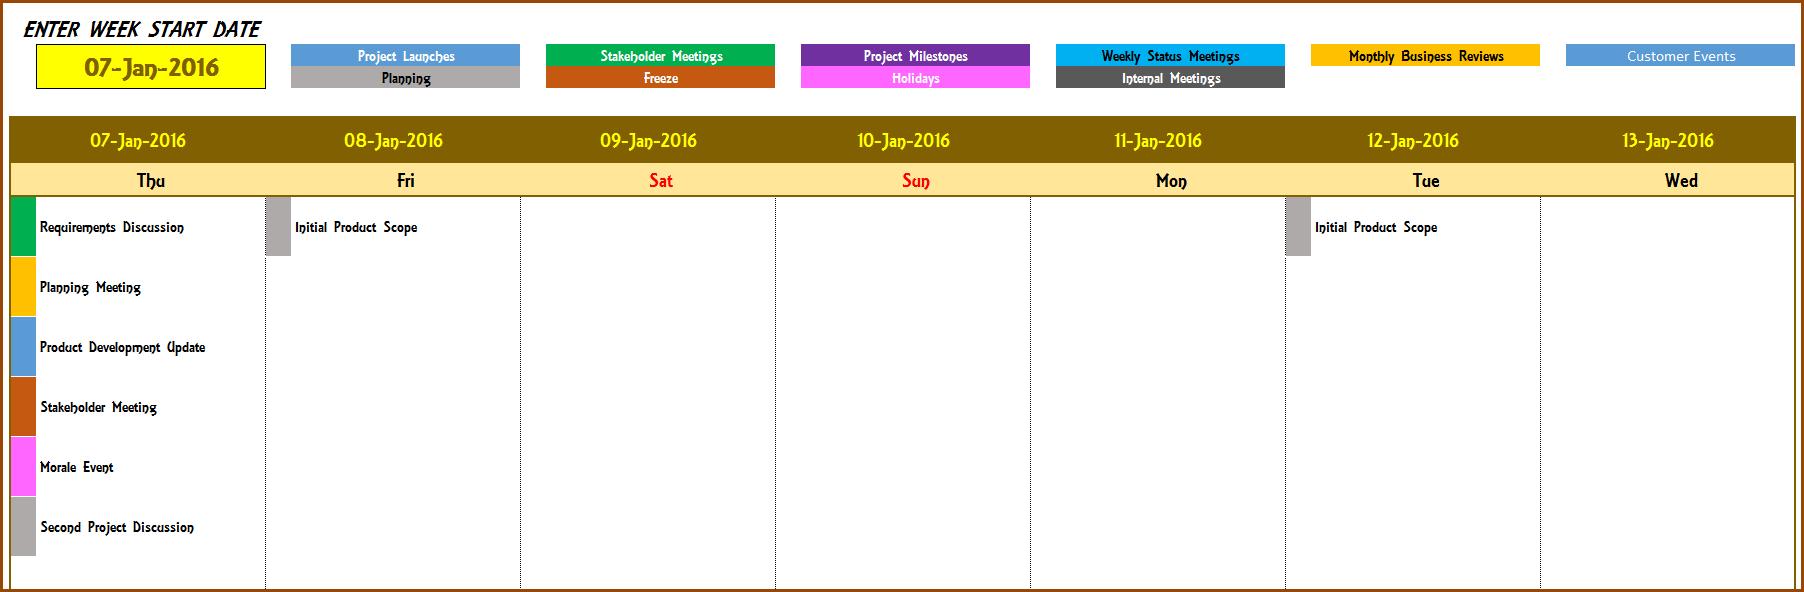 Event Calendar Maker Excel Template V3 – Support 5 Day Calendar Excel